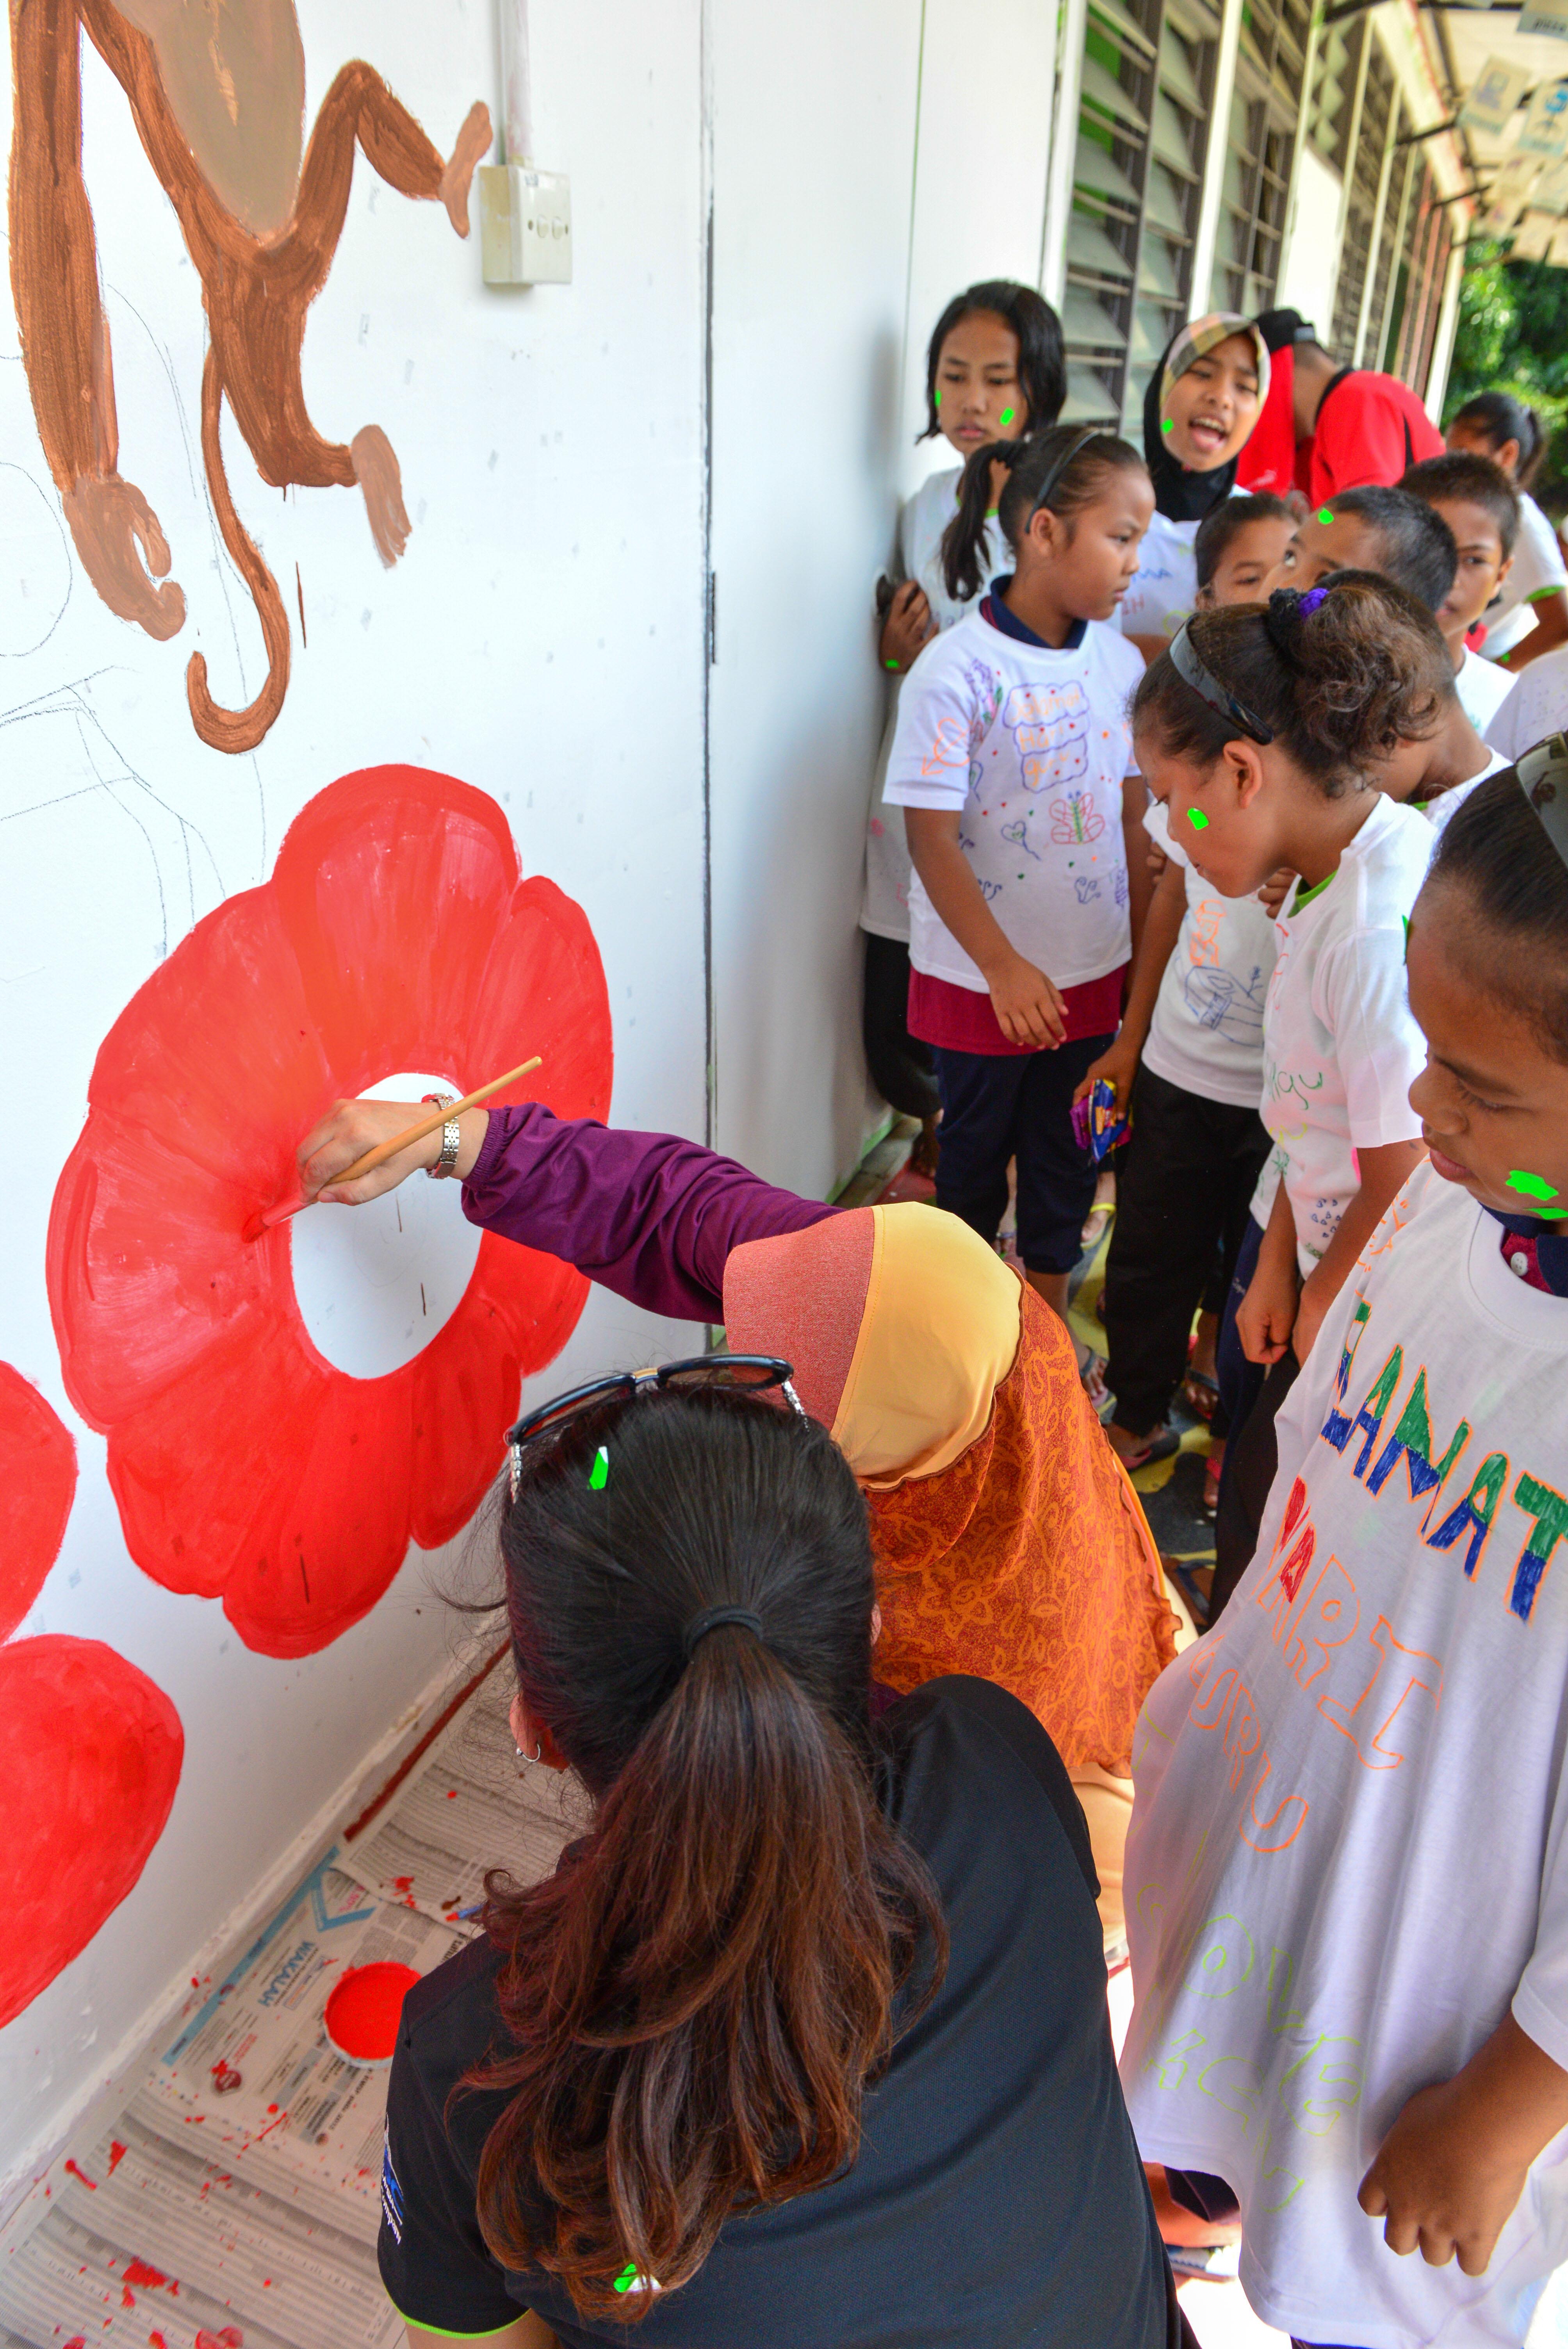 v.mural painting